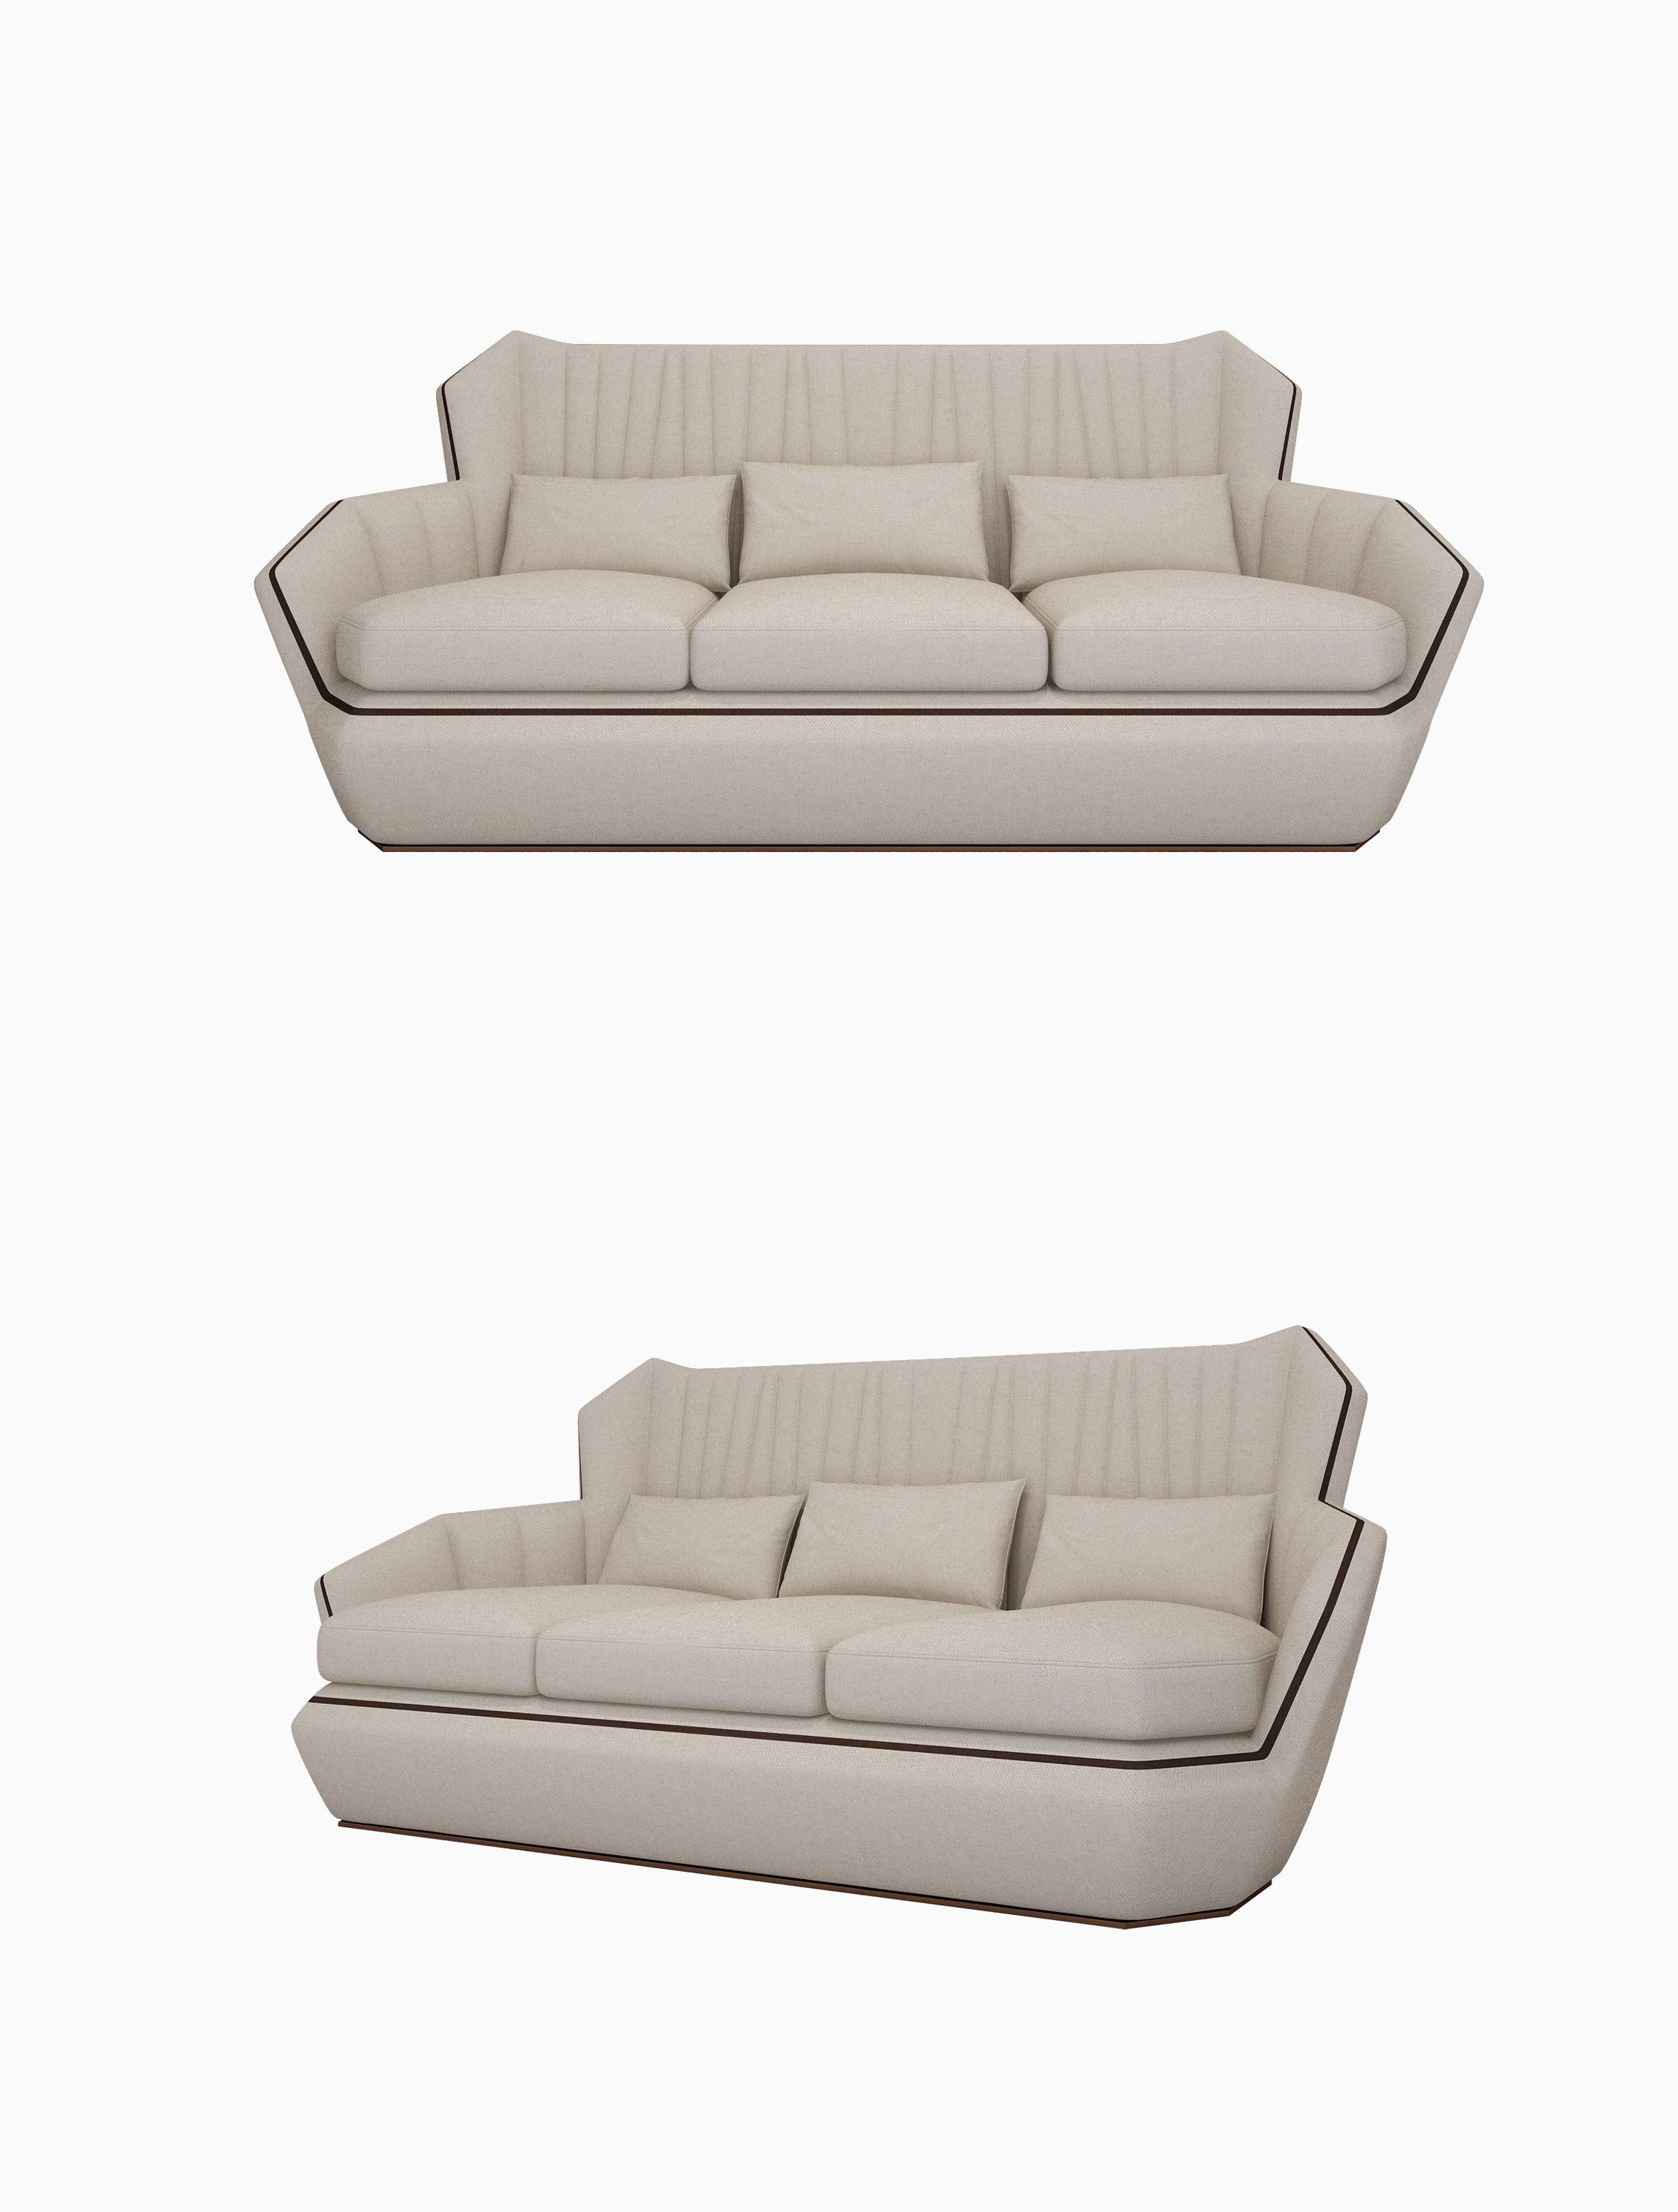 Modern Style Three Person Sofa White